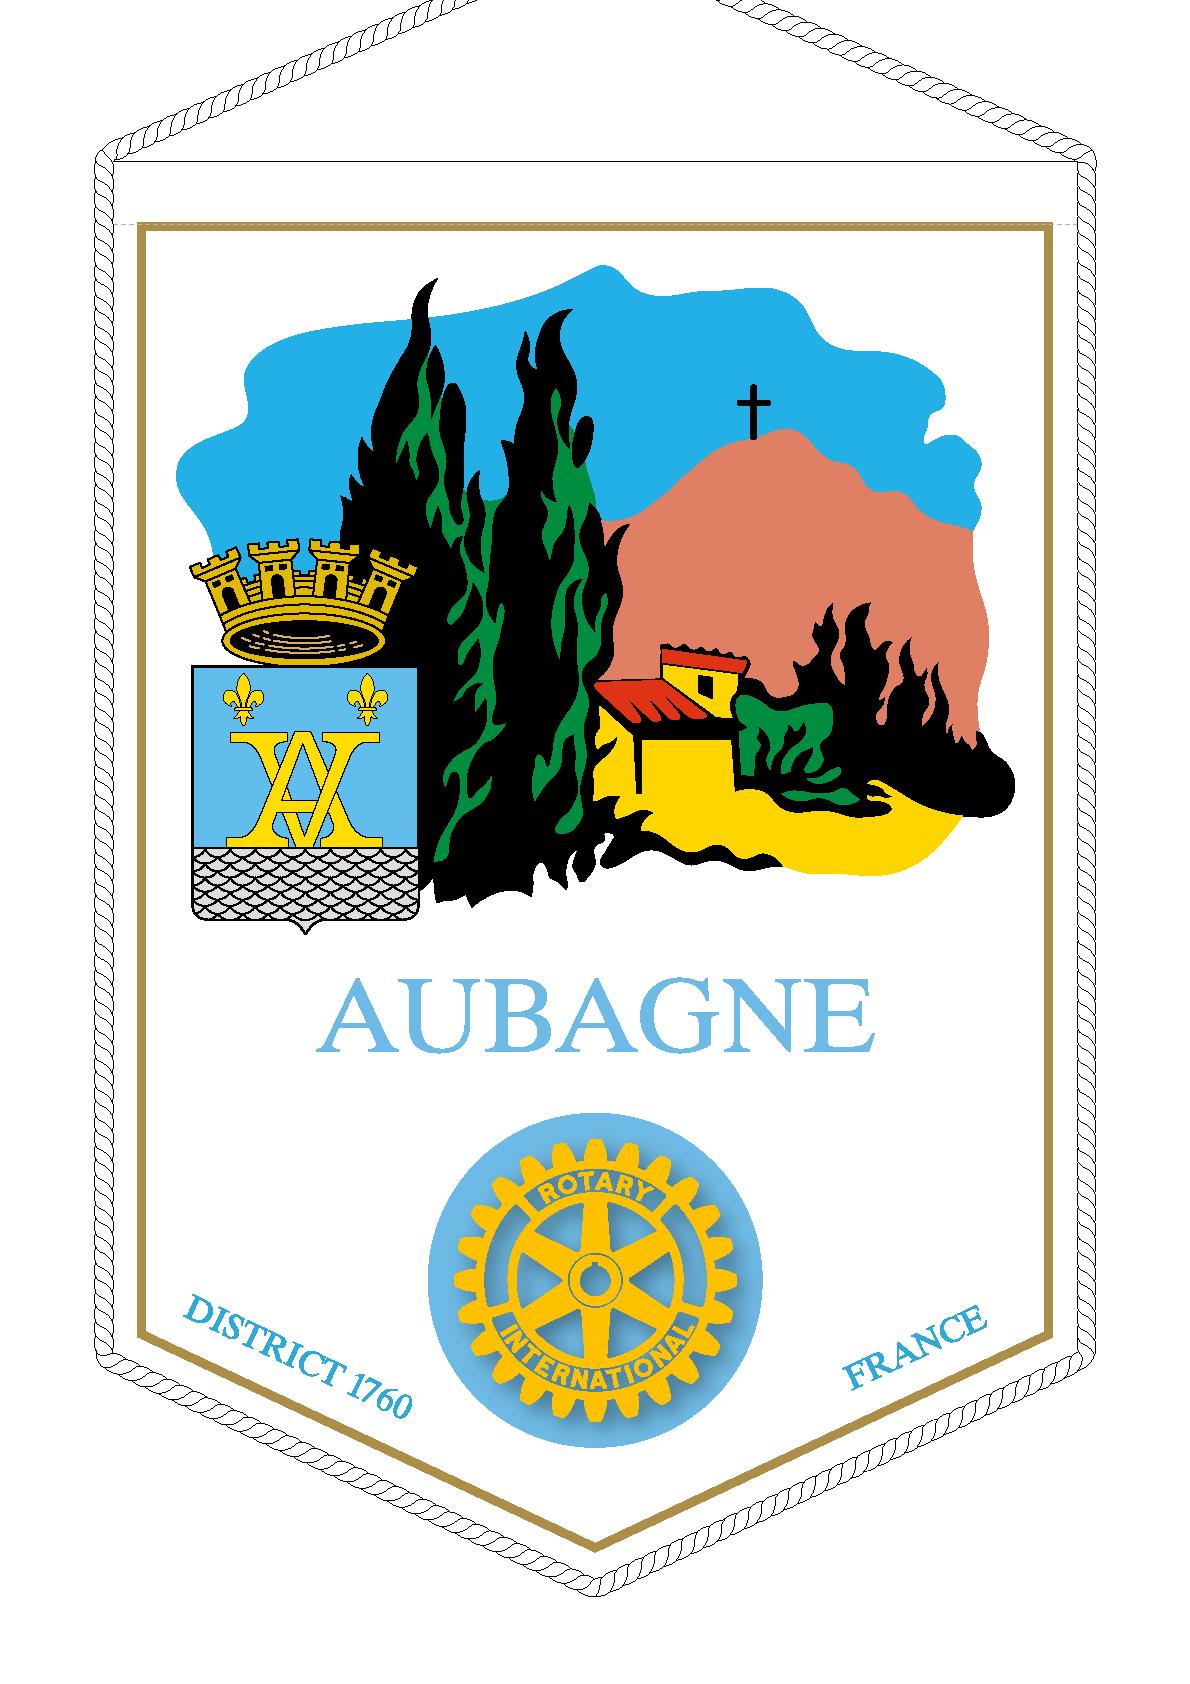 FANION ROTARY CLUB AUBAGNE